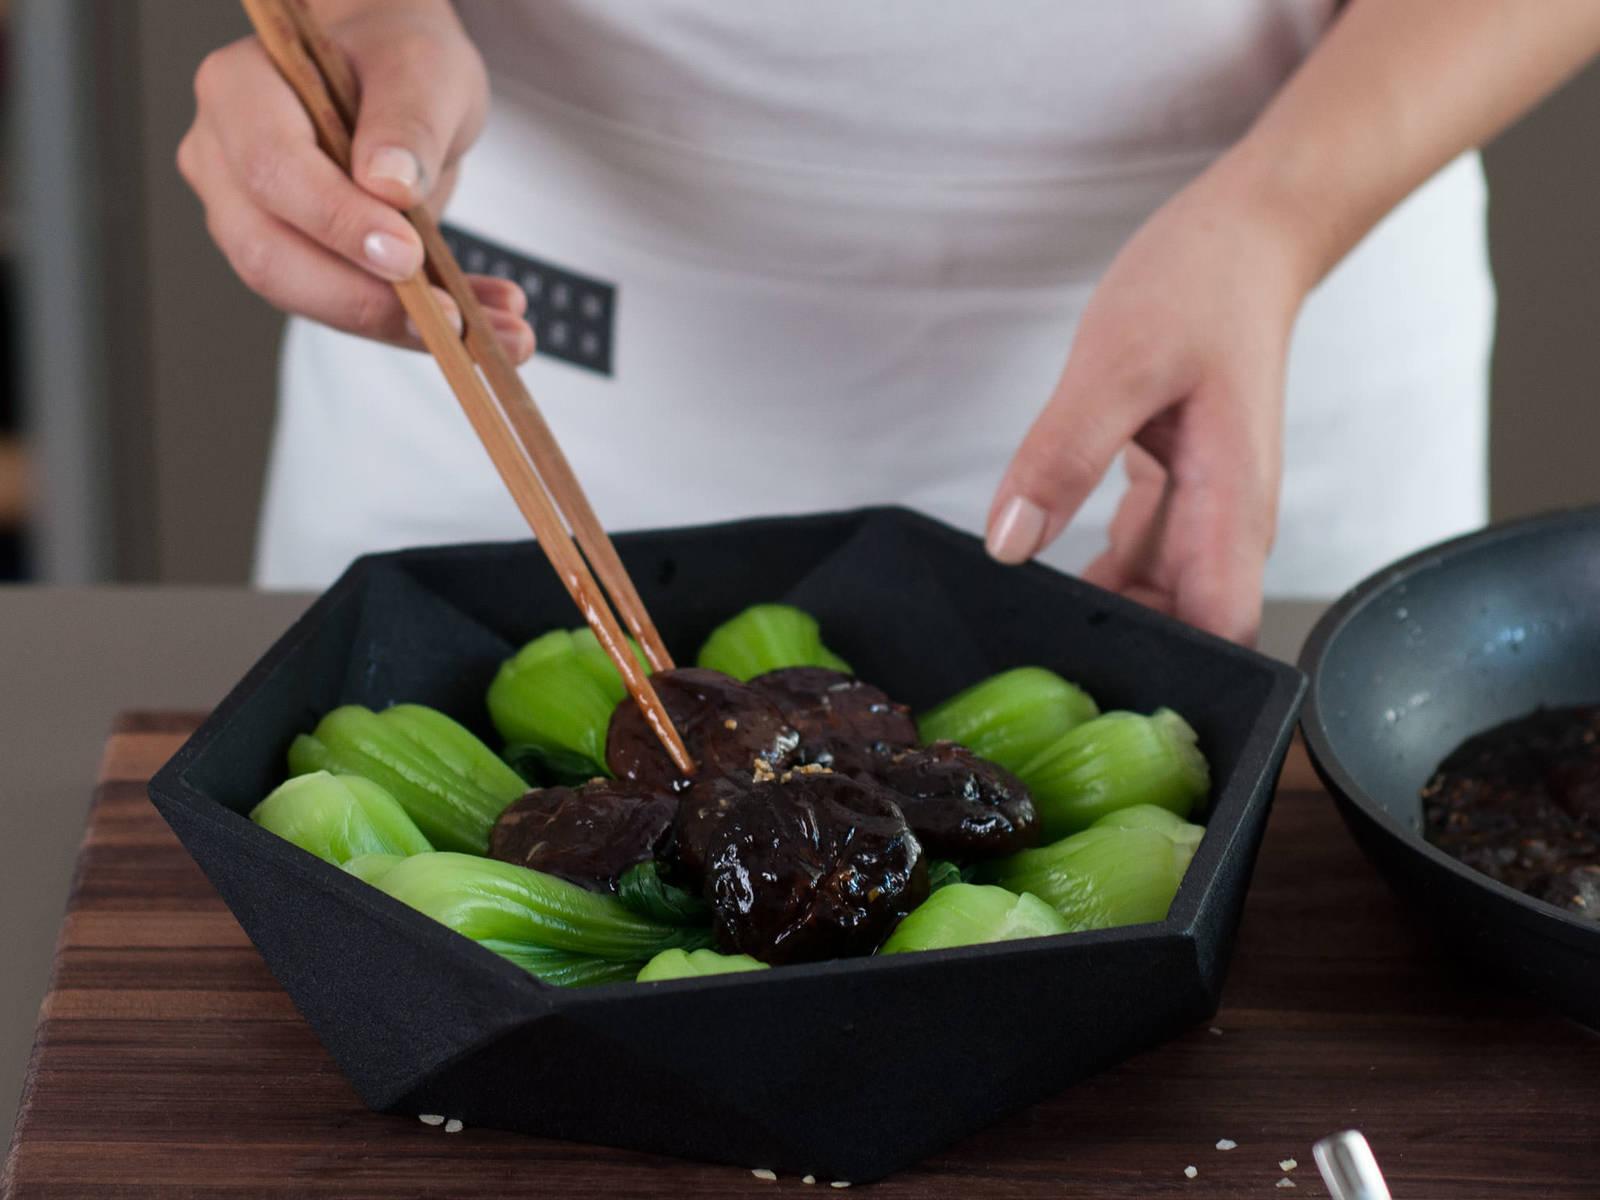 将青菜盛入碗中。将香菇放在中央,淋上酱汁,尽情享用吧!